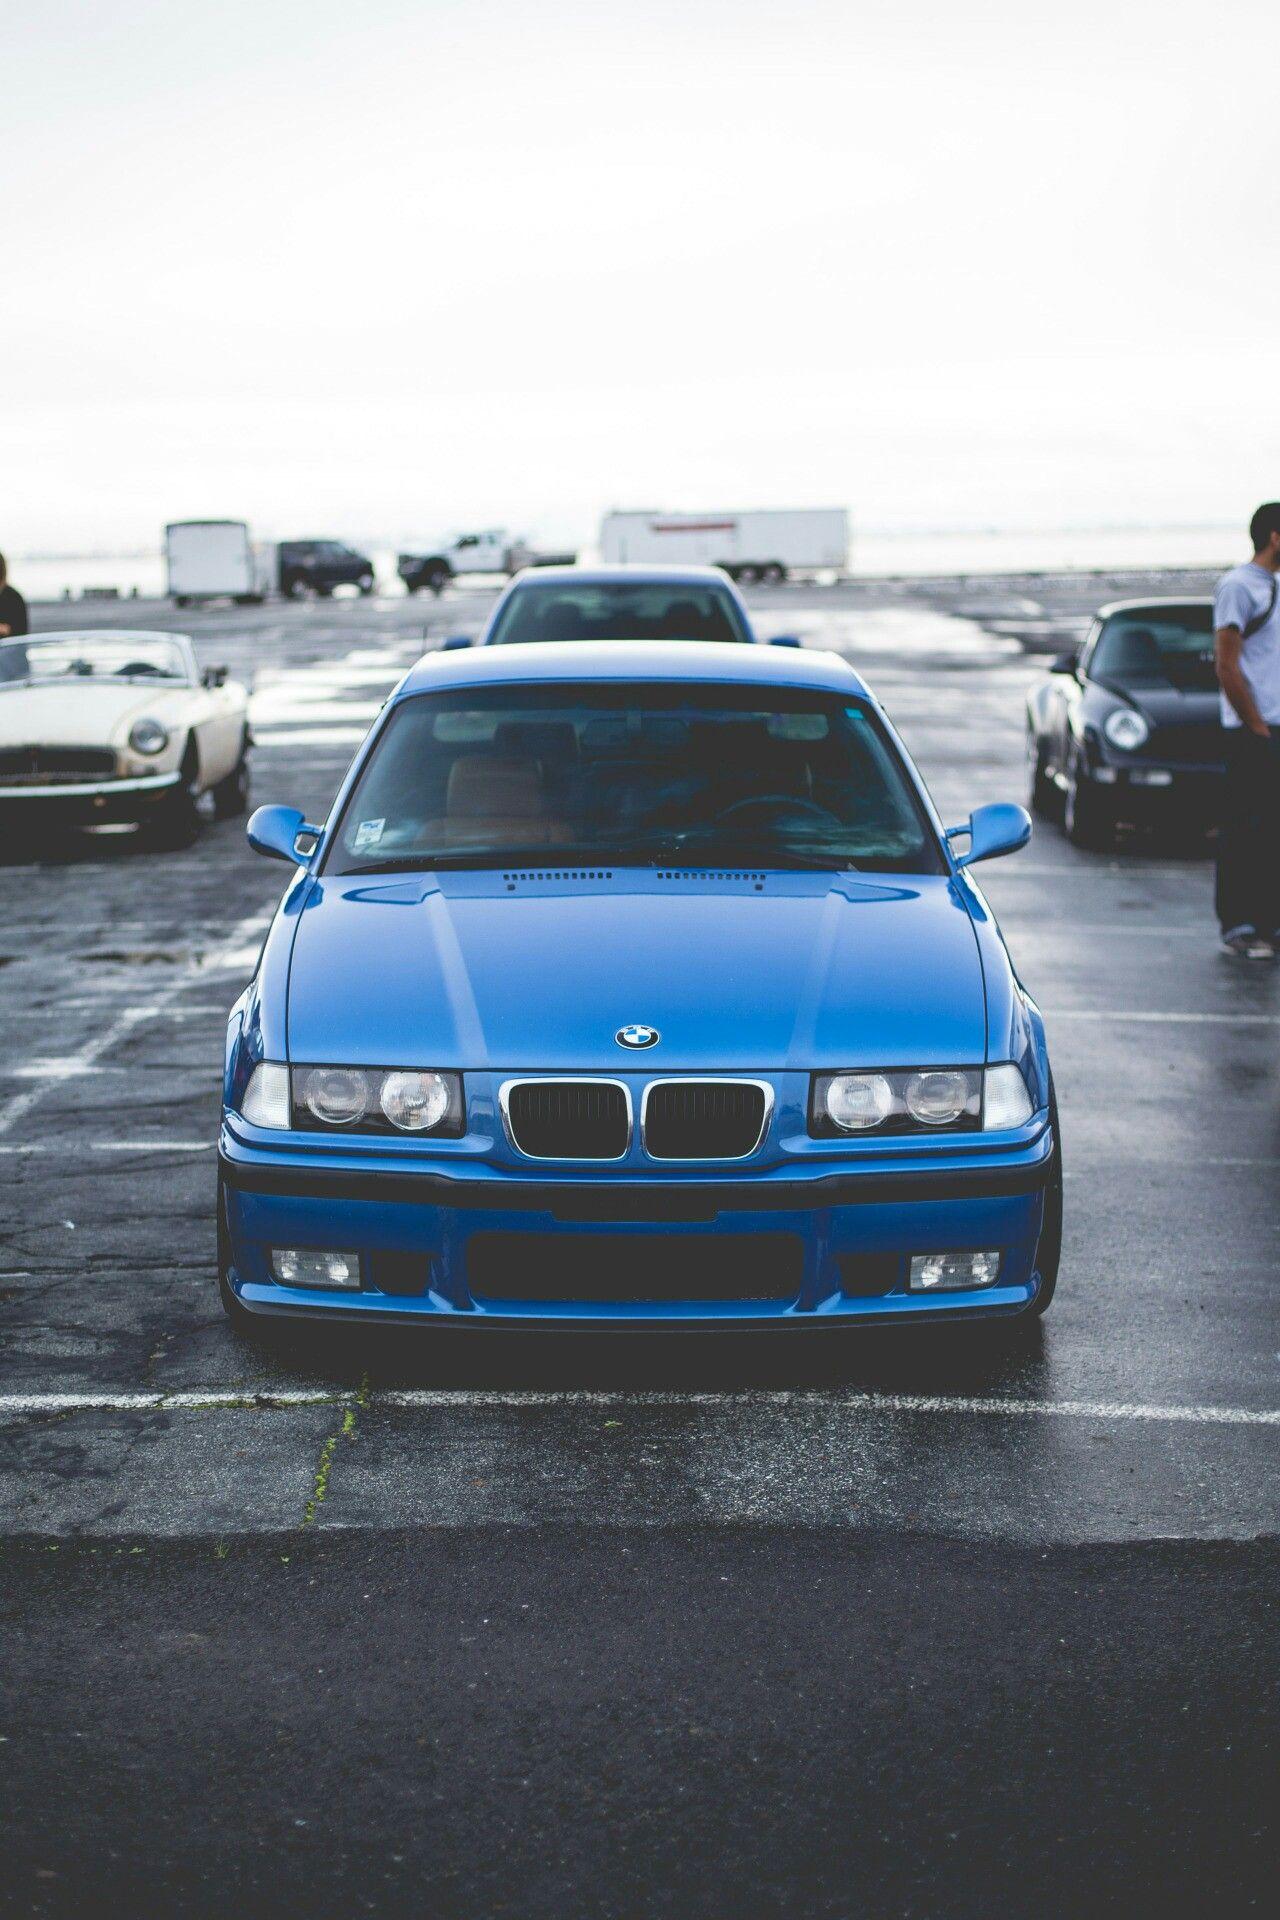 Bmw M3 Bmw Bmw E36 Bmw M3